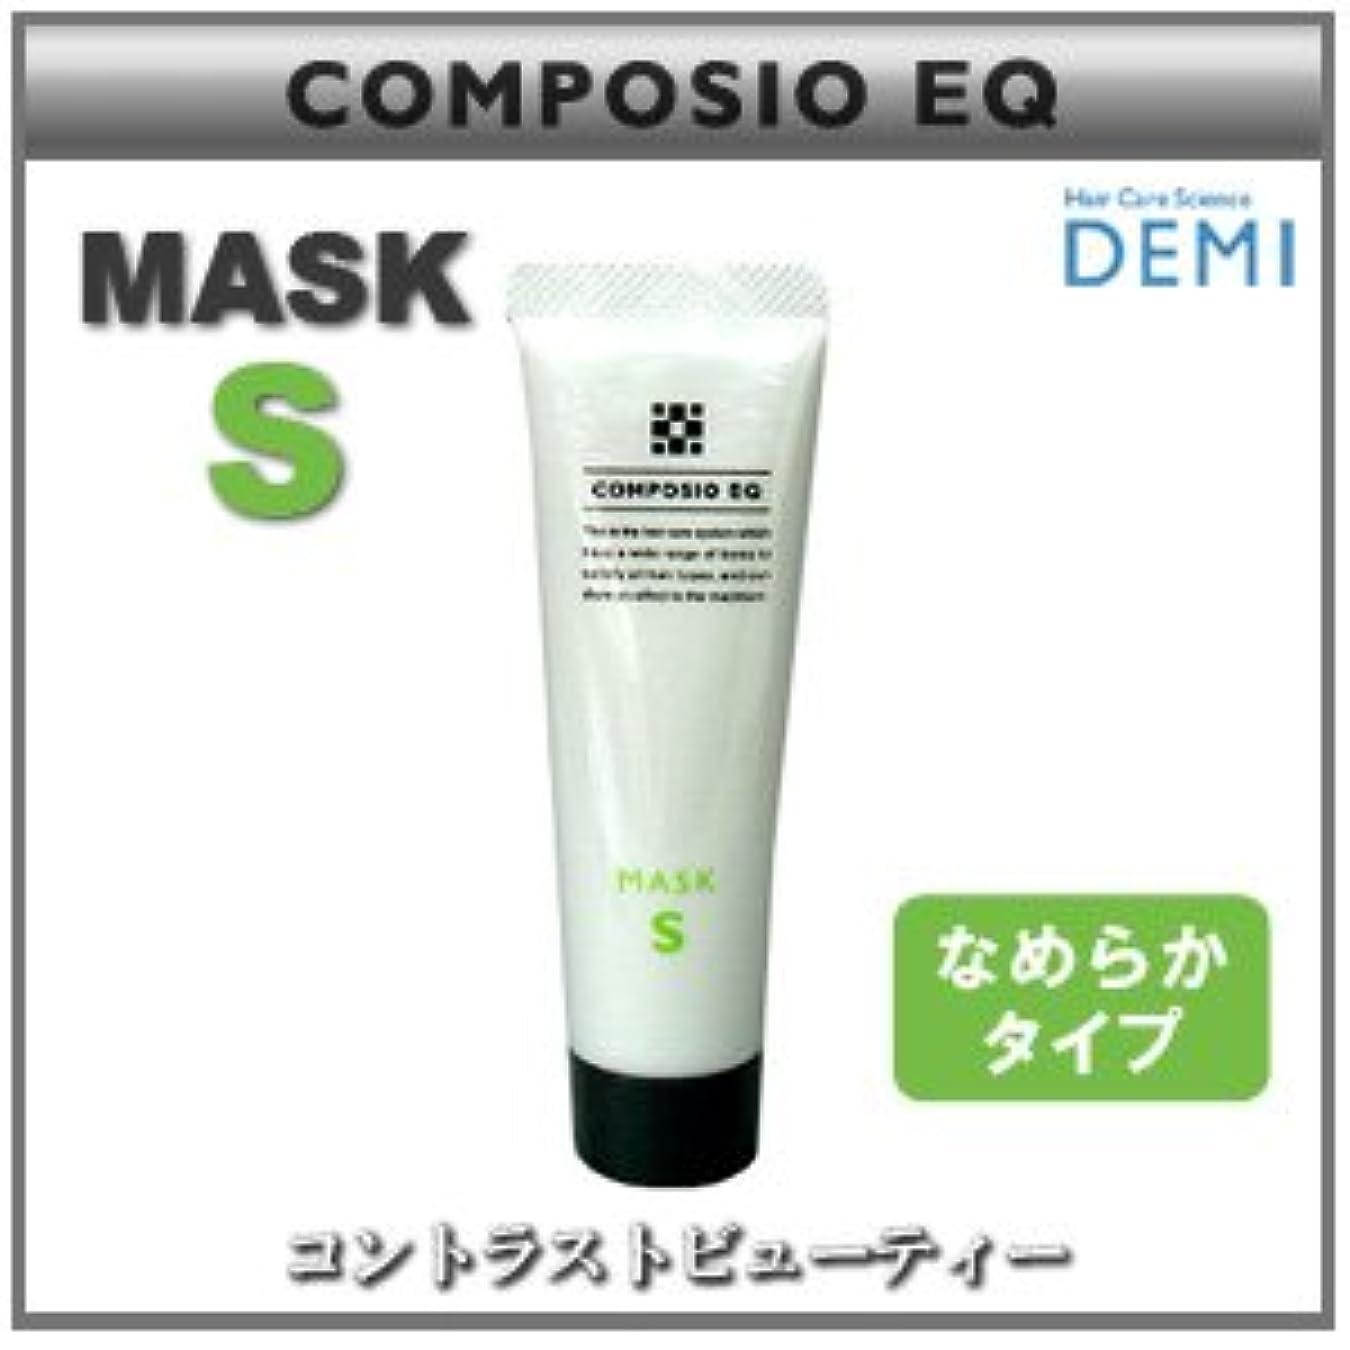 一杯専門知識見捨てられた【X3個セット】 デミ コンポジオ EQ マスク S 50g